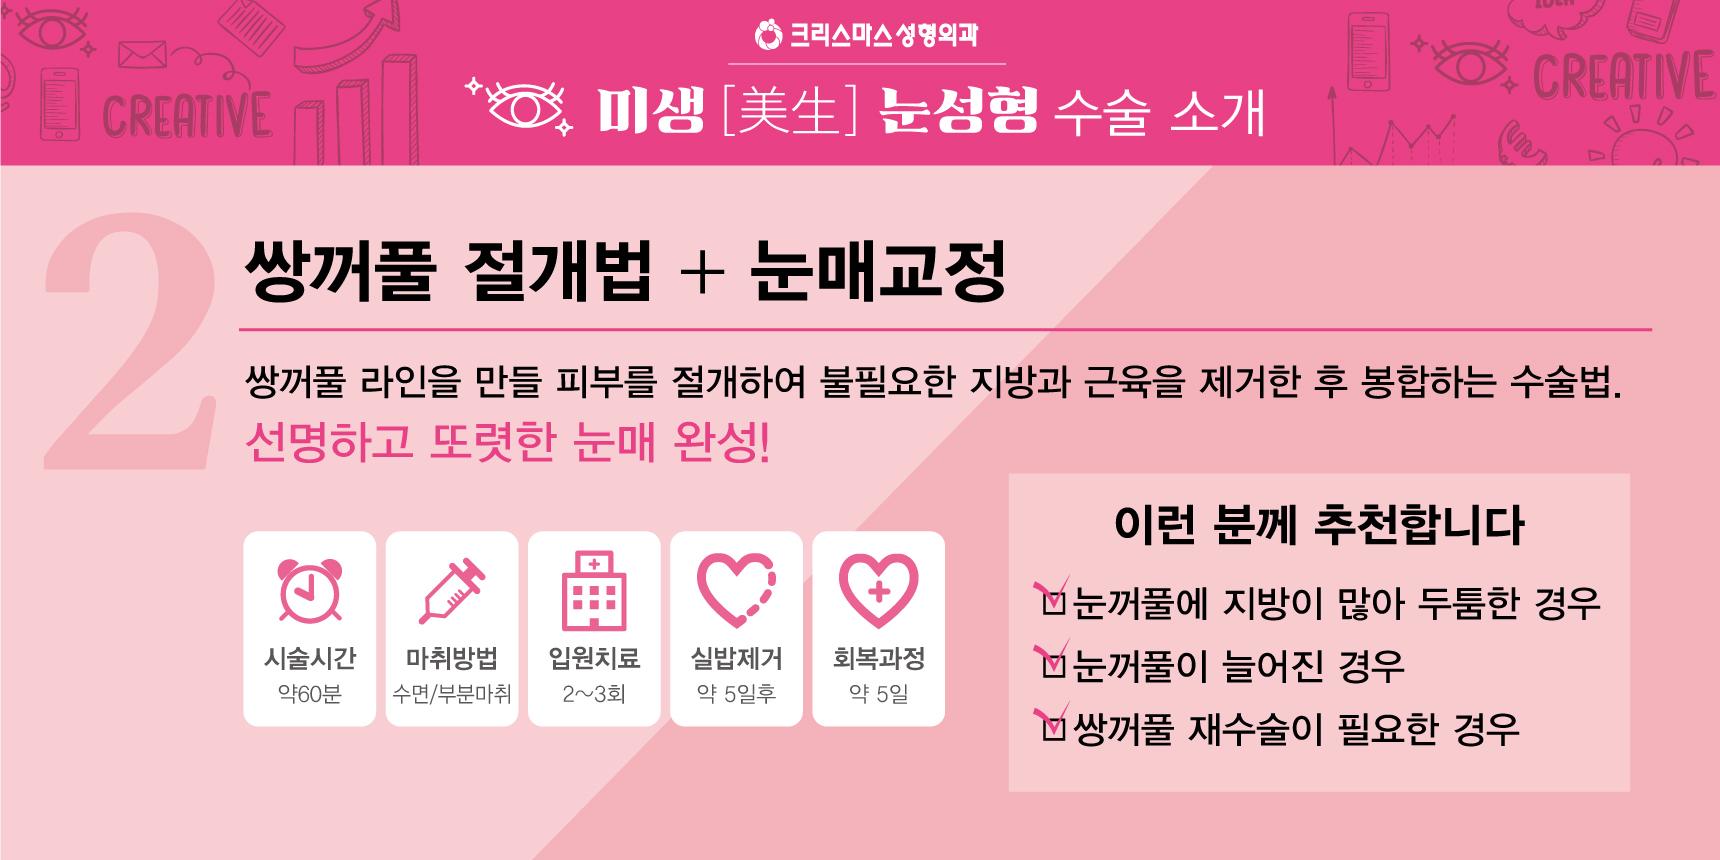 20170915_직장인눈성형특가_블로그용_05.jpg